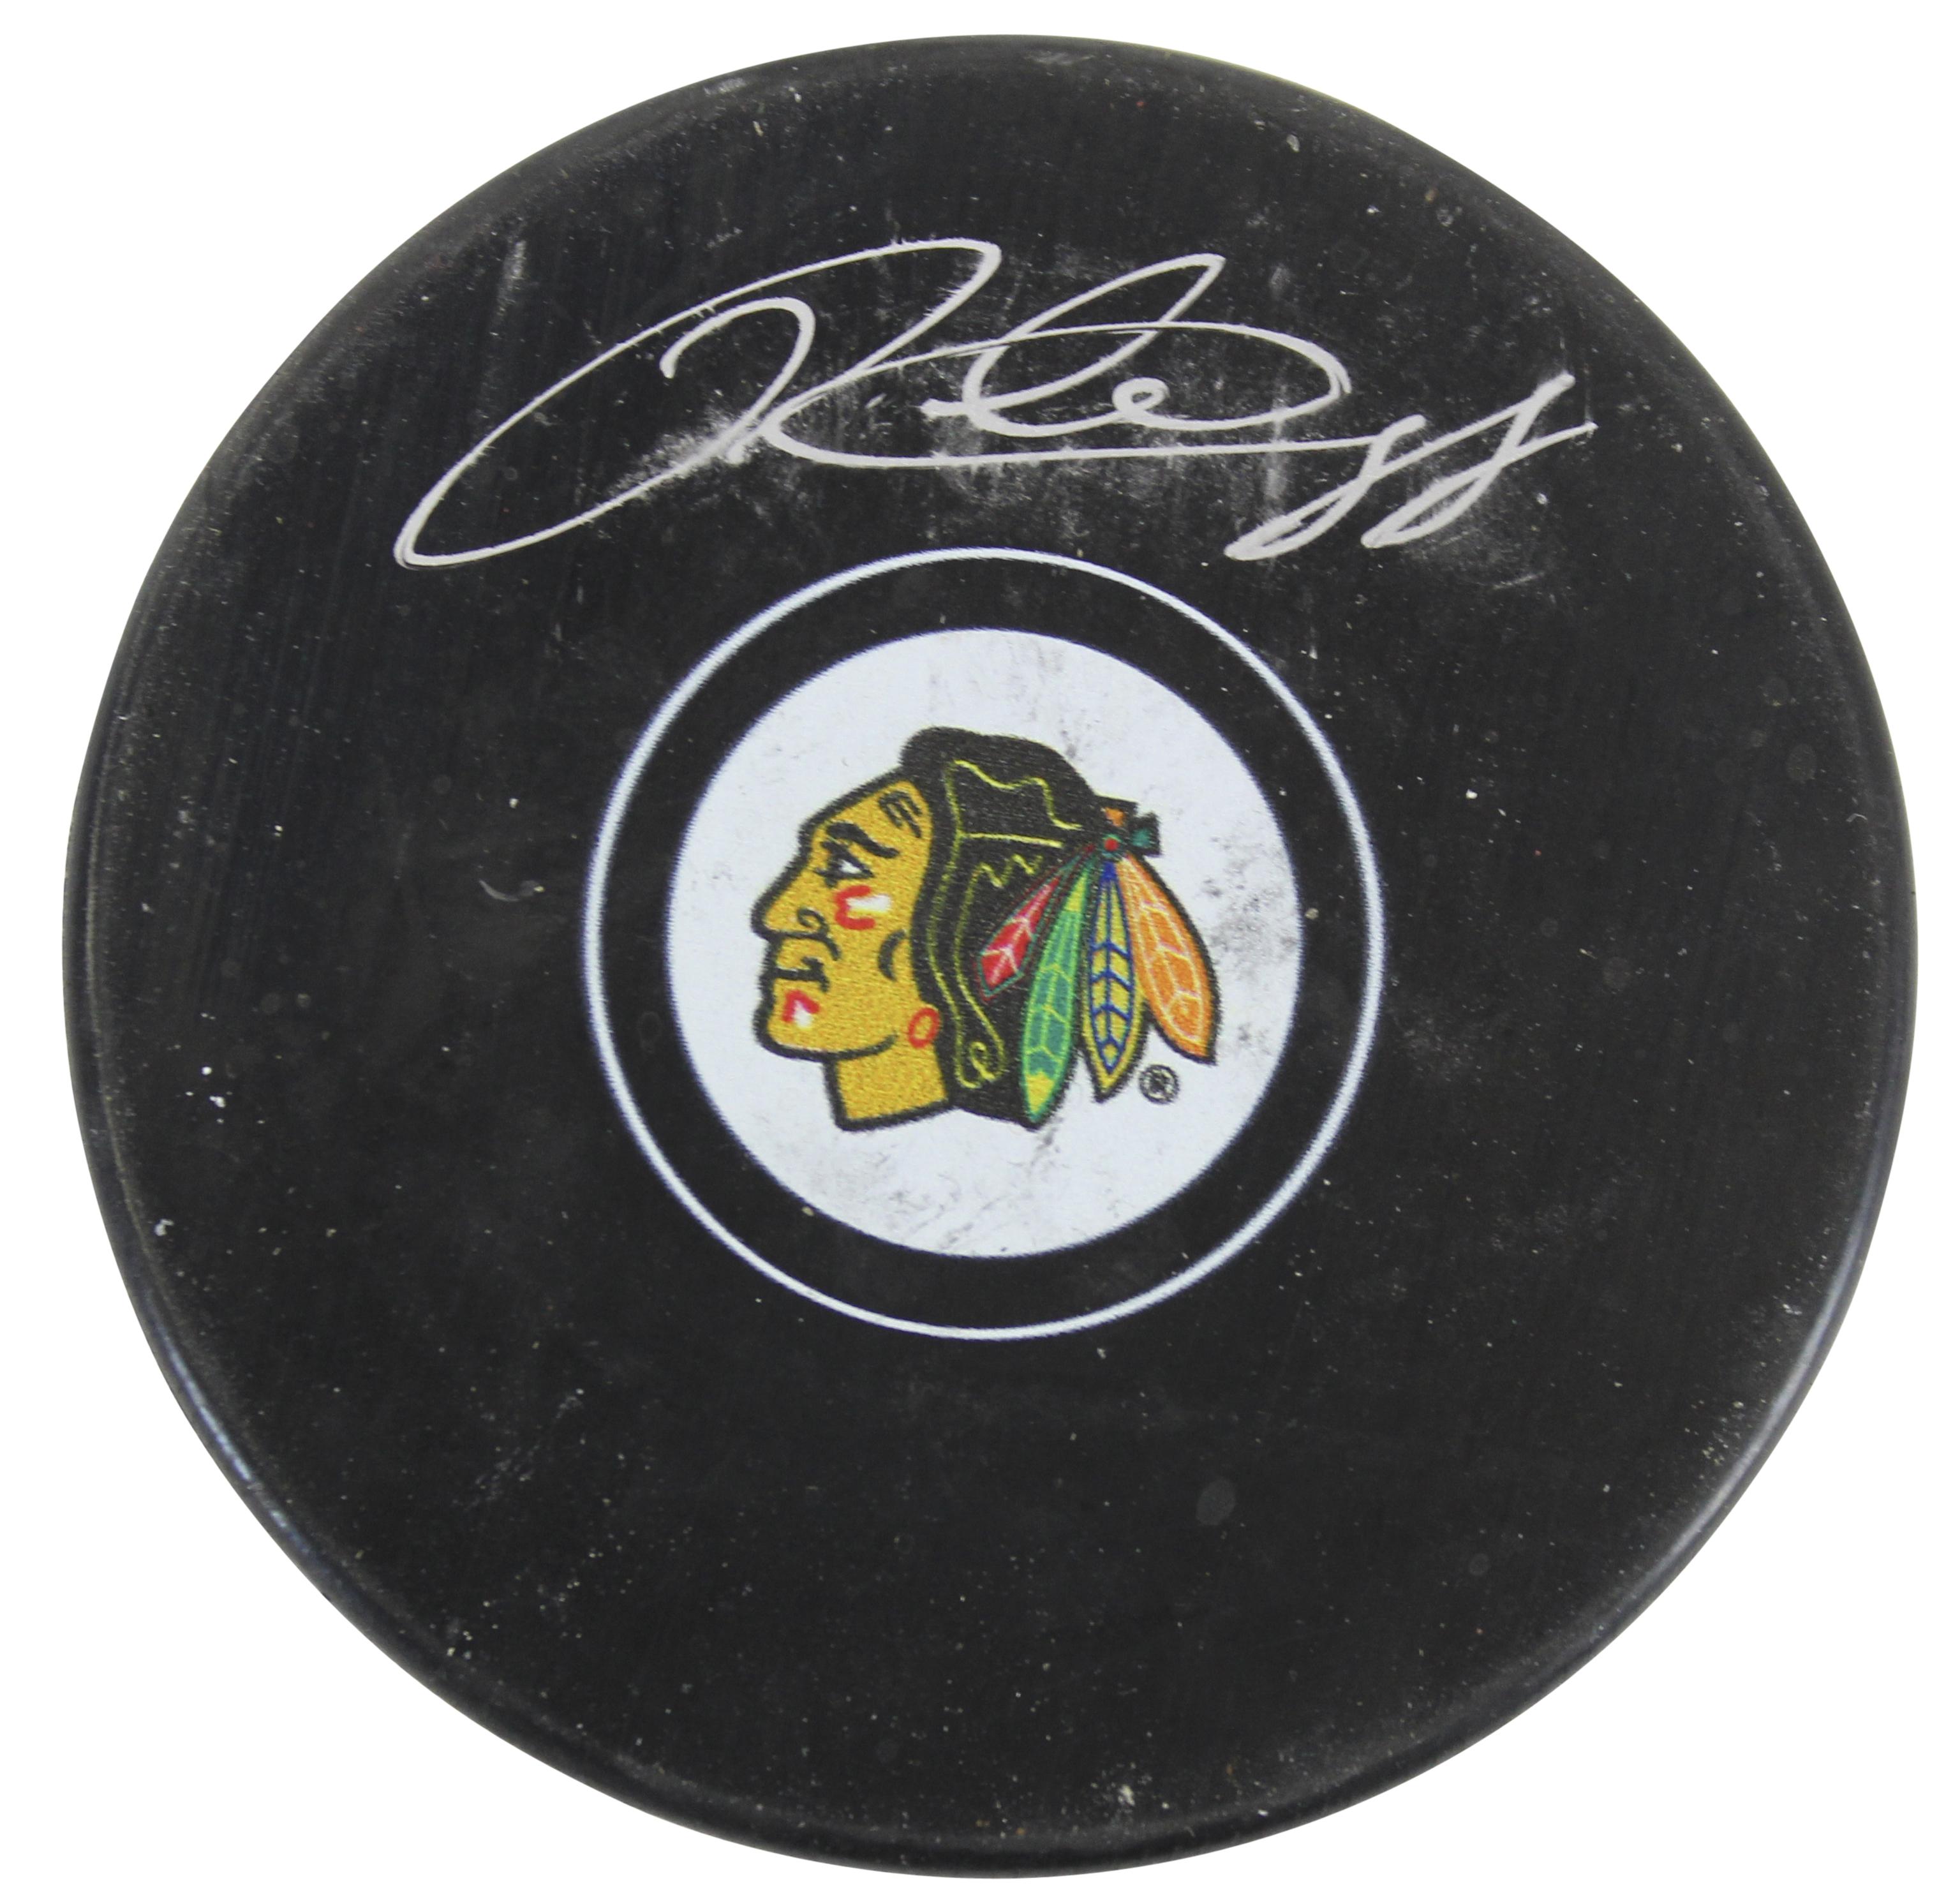 Blackhawks Patrick Kane Authentic Signed Hockey Puck Fanatics COA #A310288